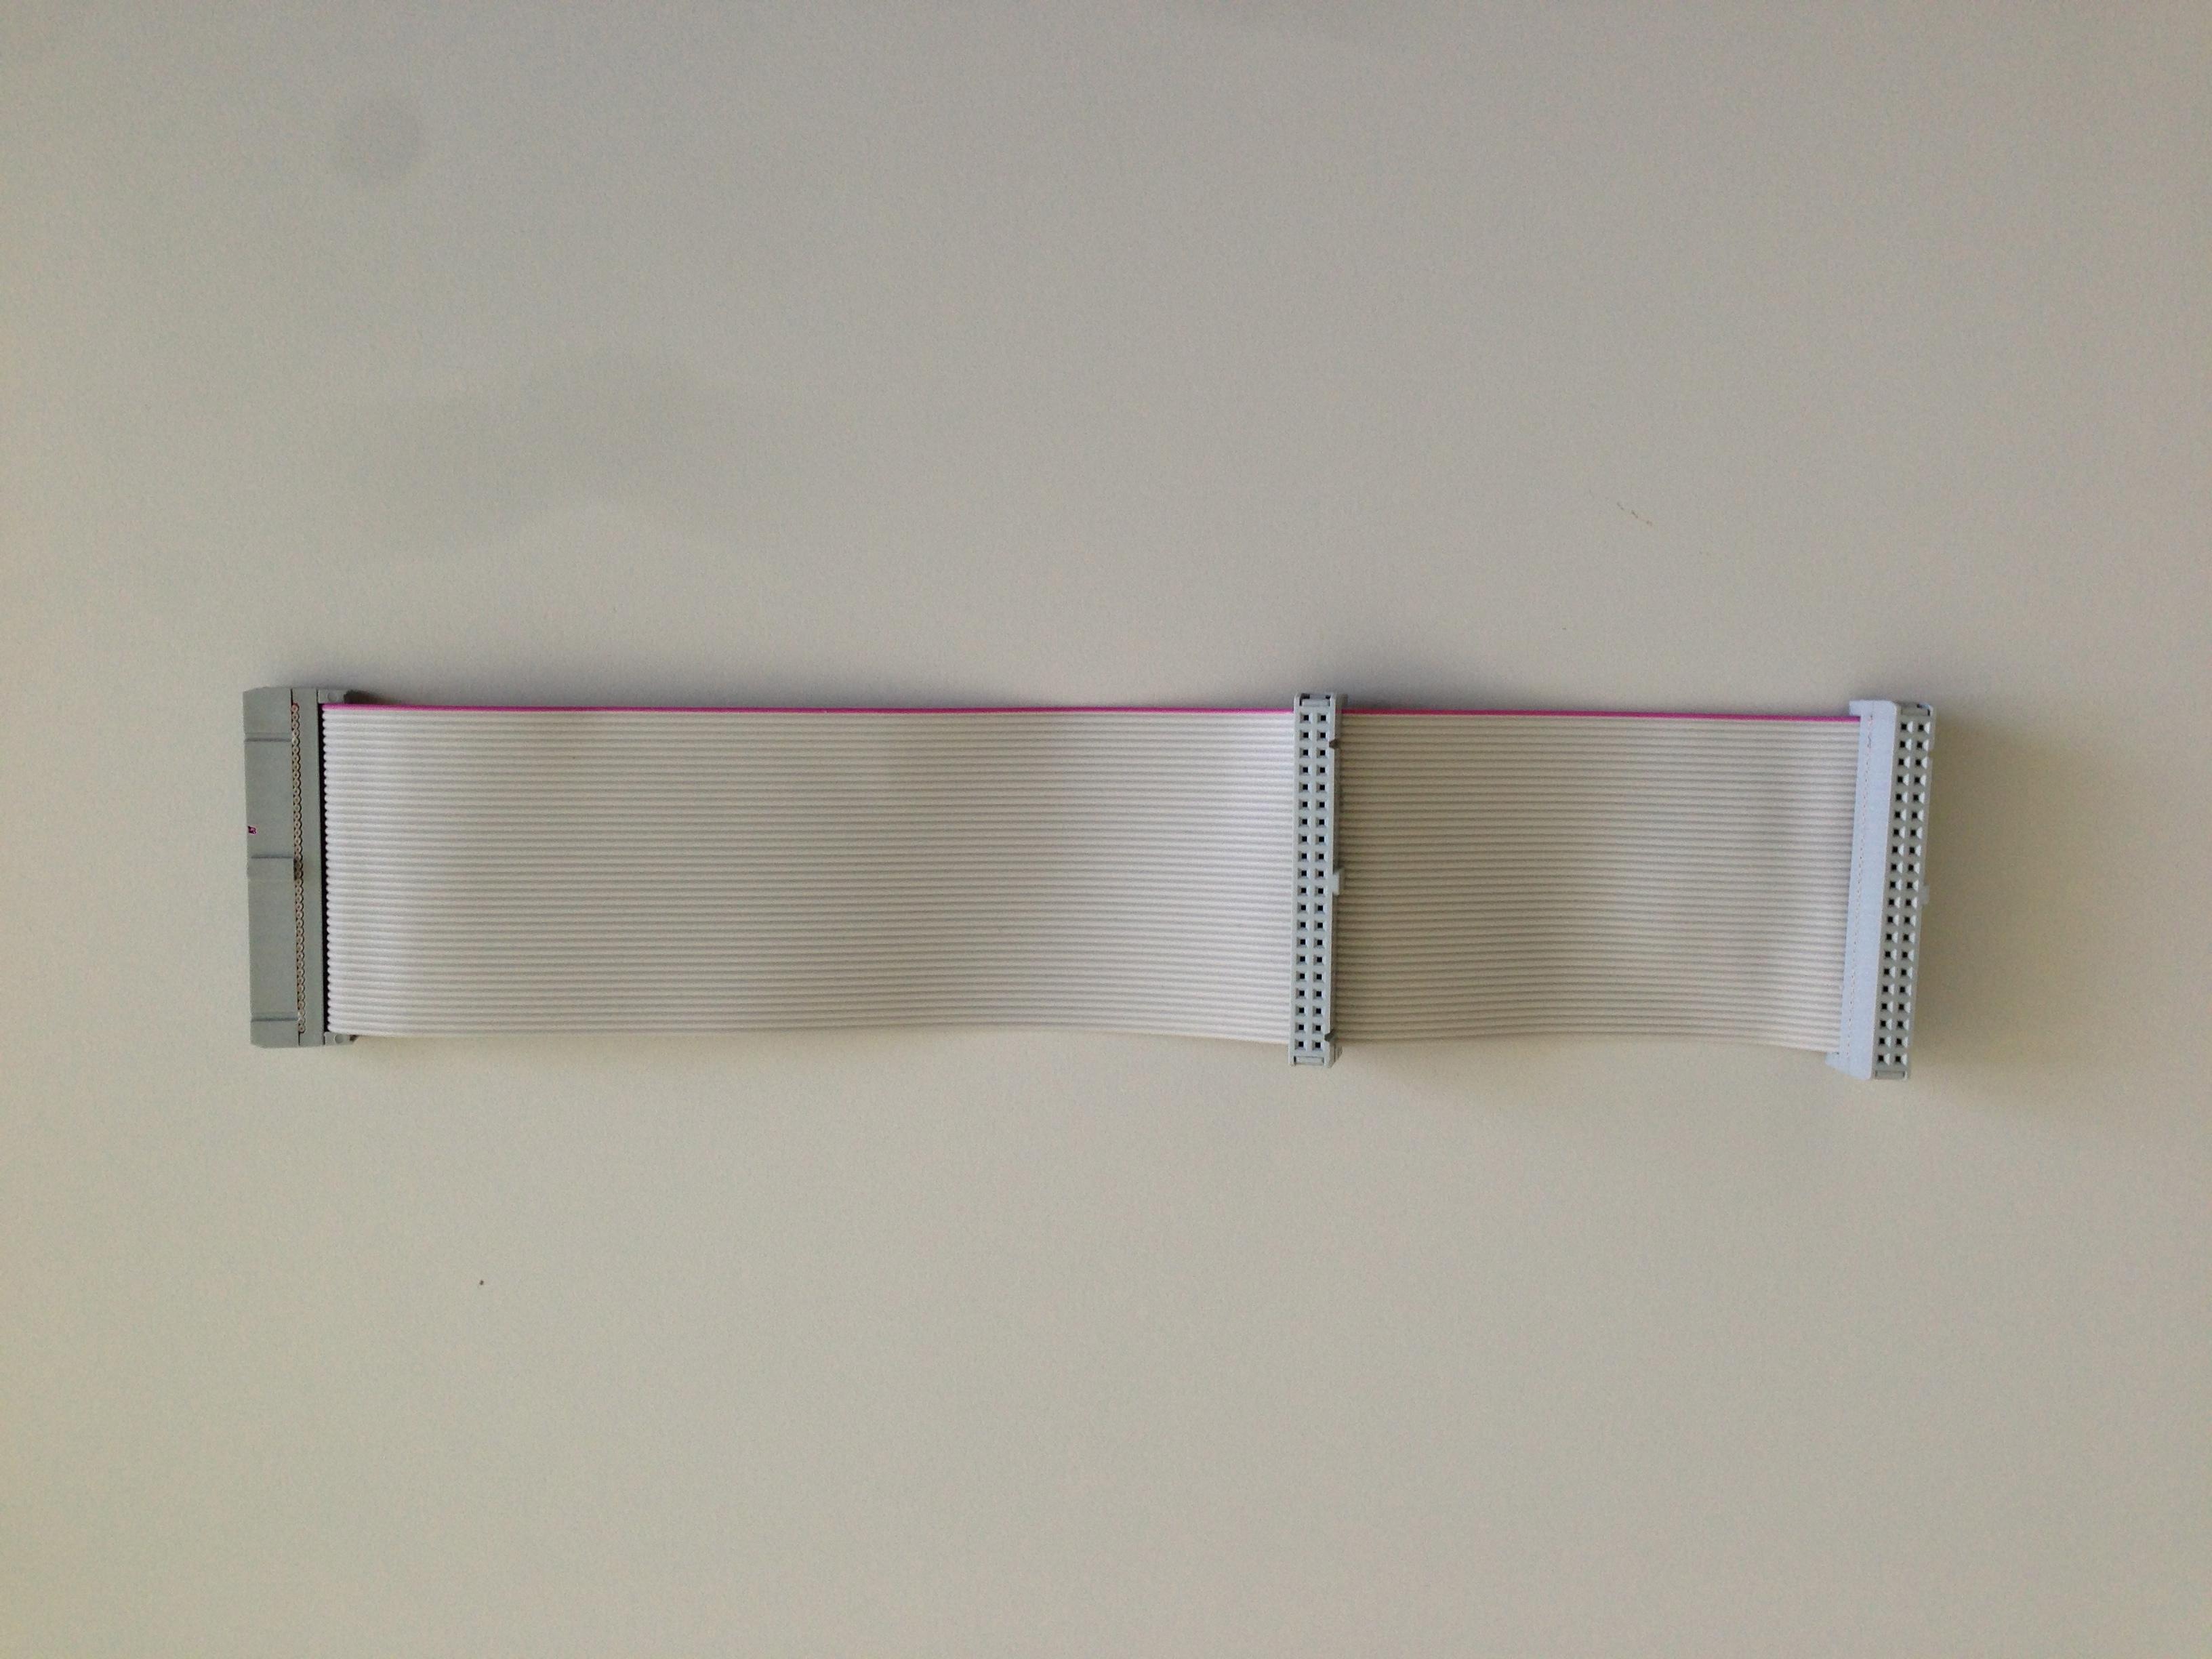 Sirrix PCM-Kabel, mit 3 Konnektoren